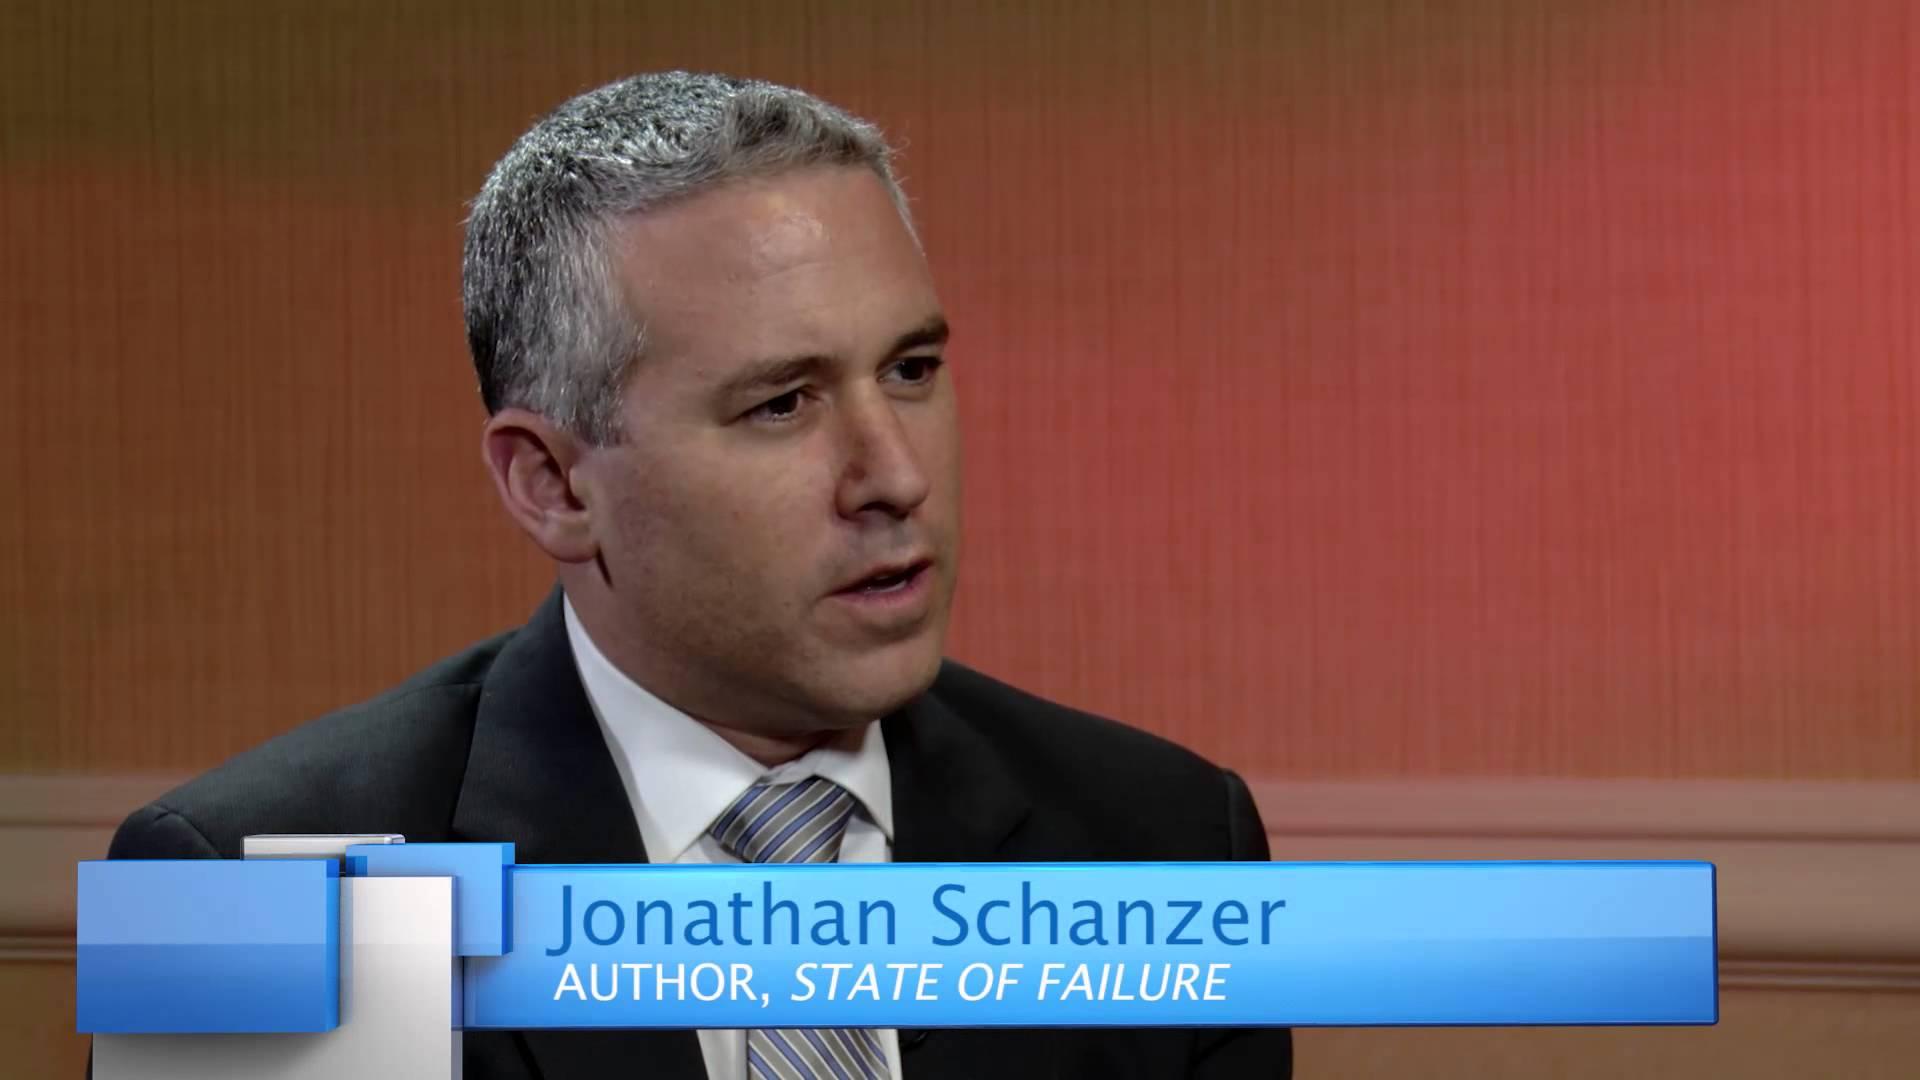 jonathan-schanzer